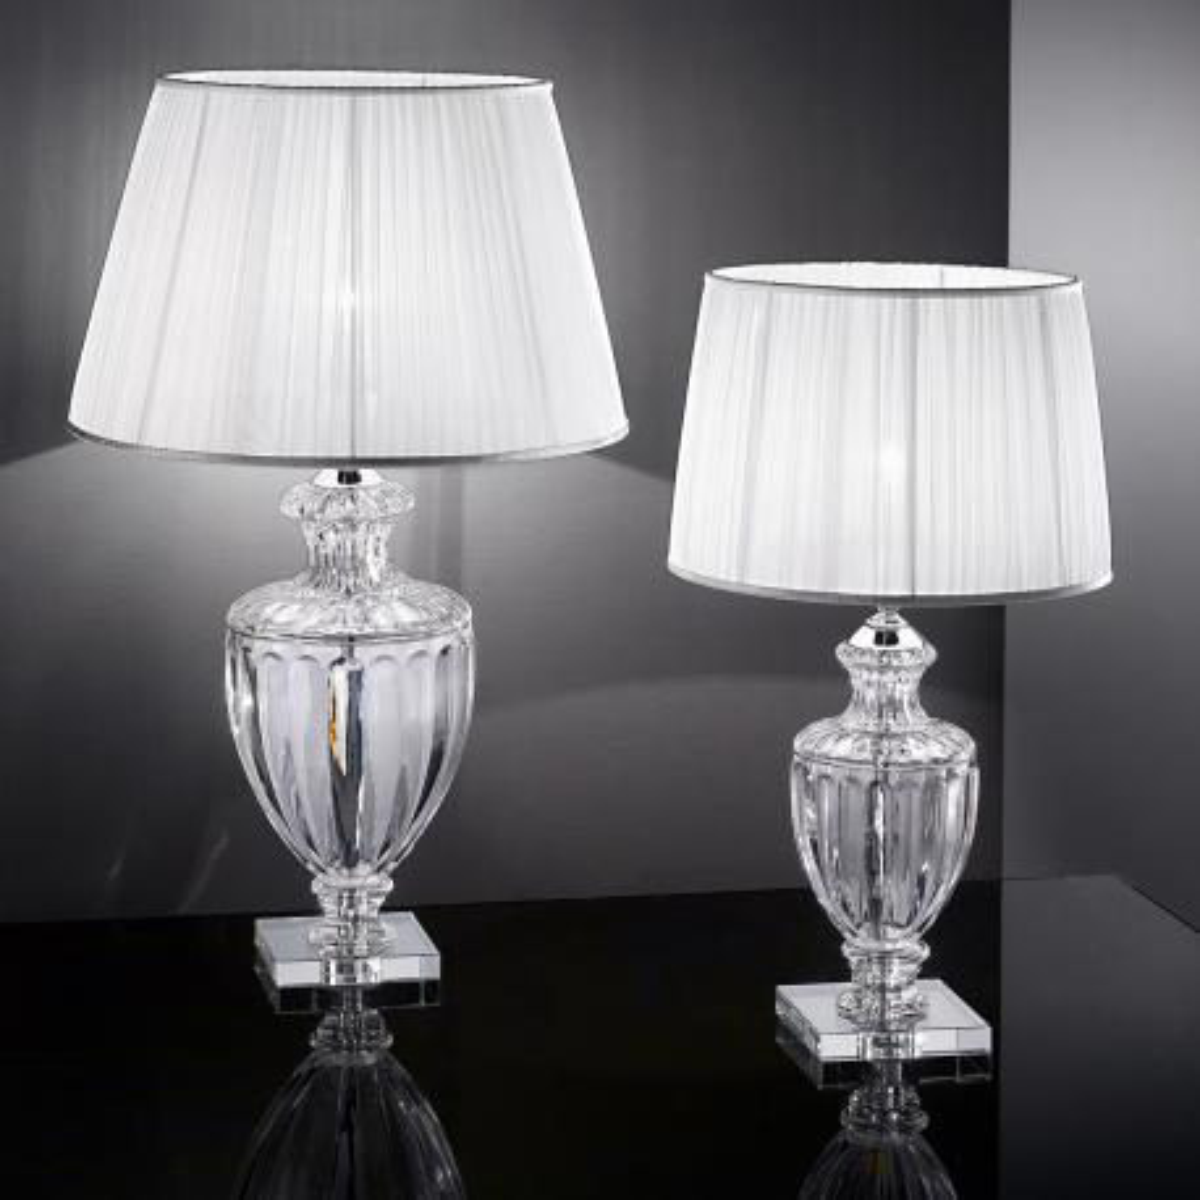 """""""Bellotti"""" venezianischer kristall tischleuchte - 1 flammig - transparent"""